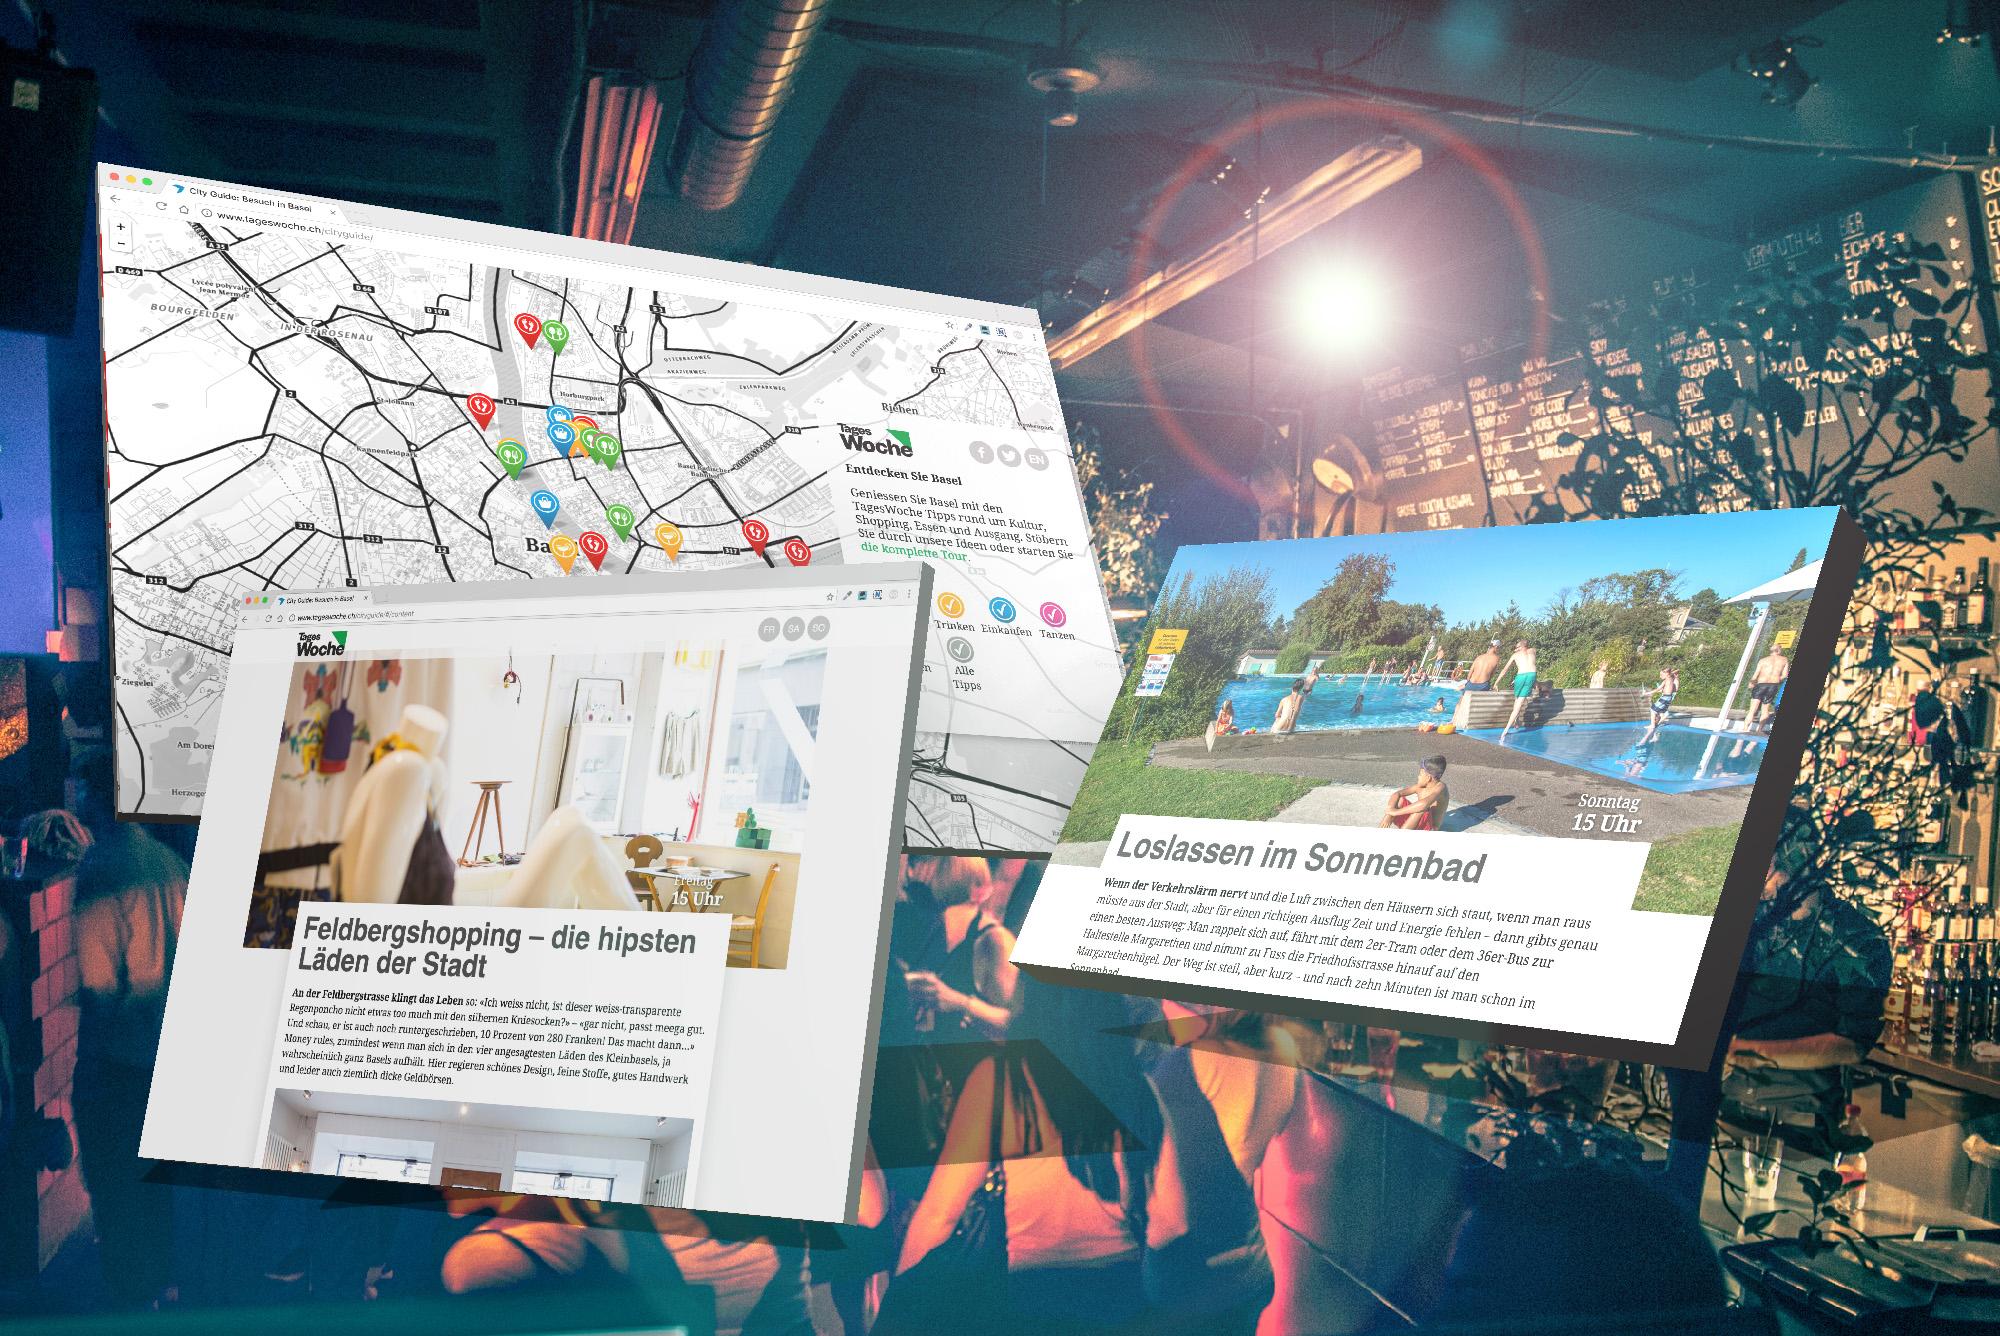 Wo Basel am Schönsten, Coolsten, Spannendsten ist – der TagesWoche-City Guide «72 Stunden in Basel».